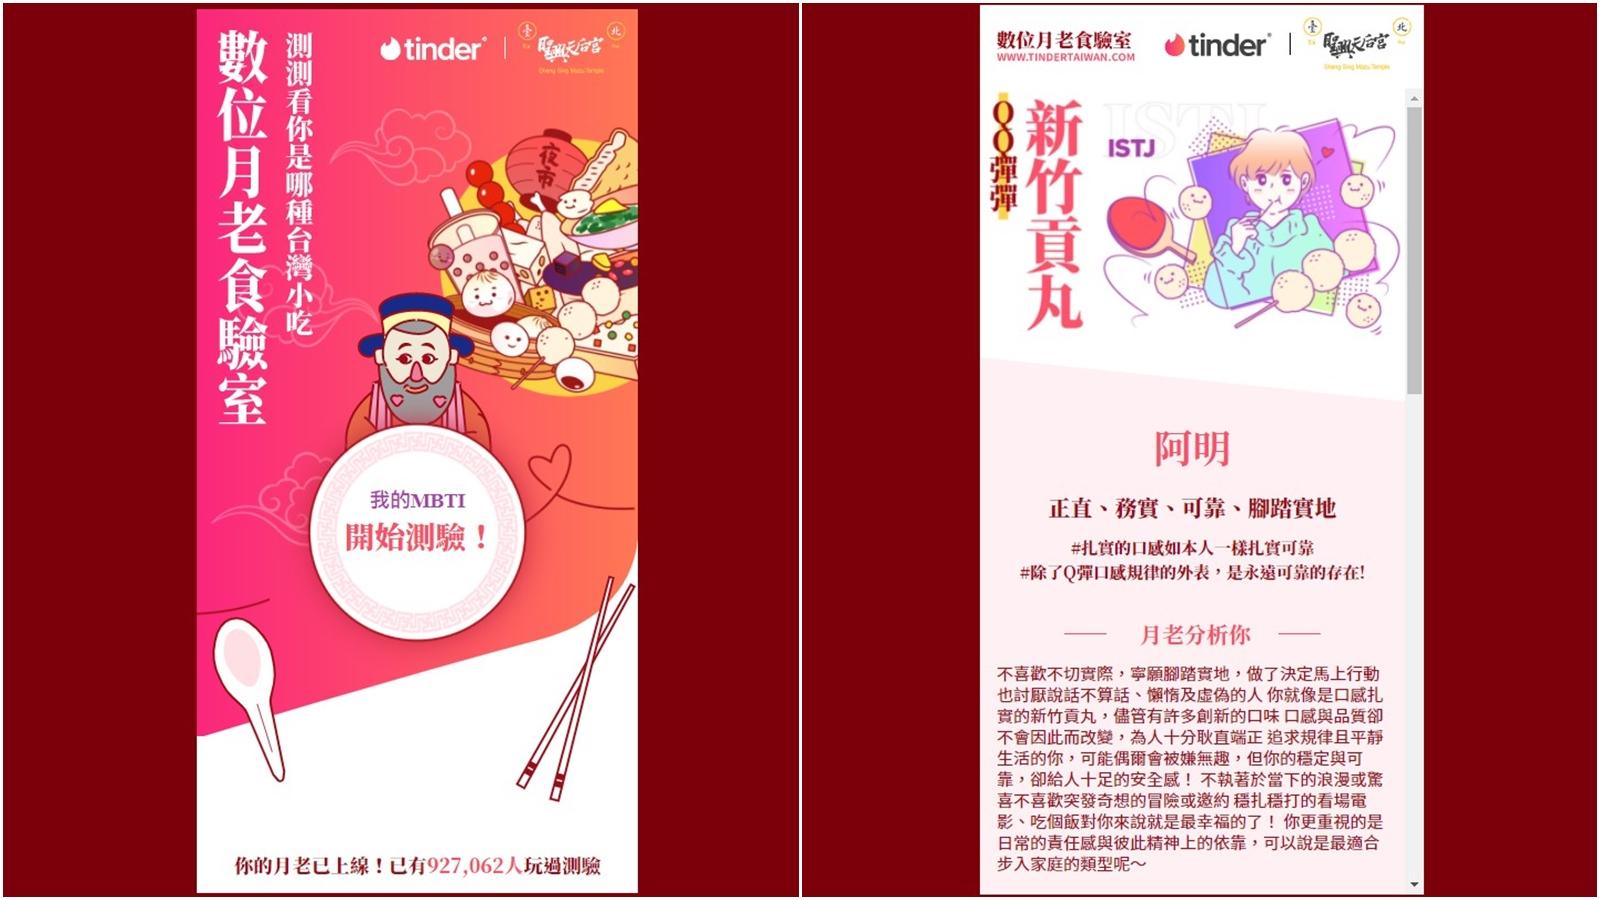 【科技新知】測測看你是哪種台灣小吃?人格特質分析趣味測驗!